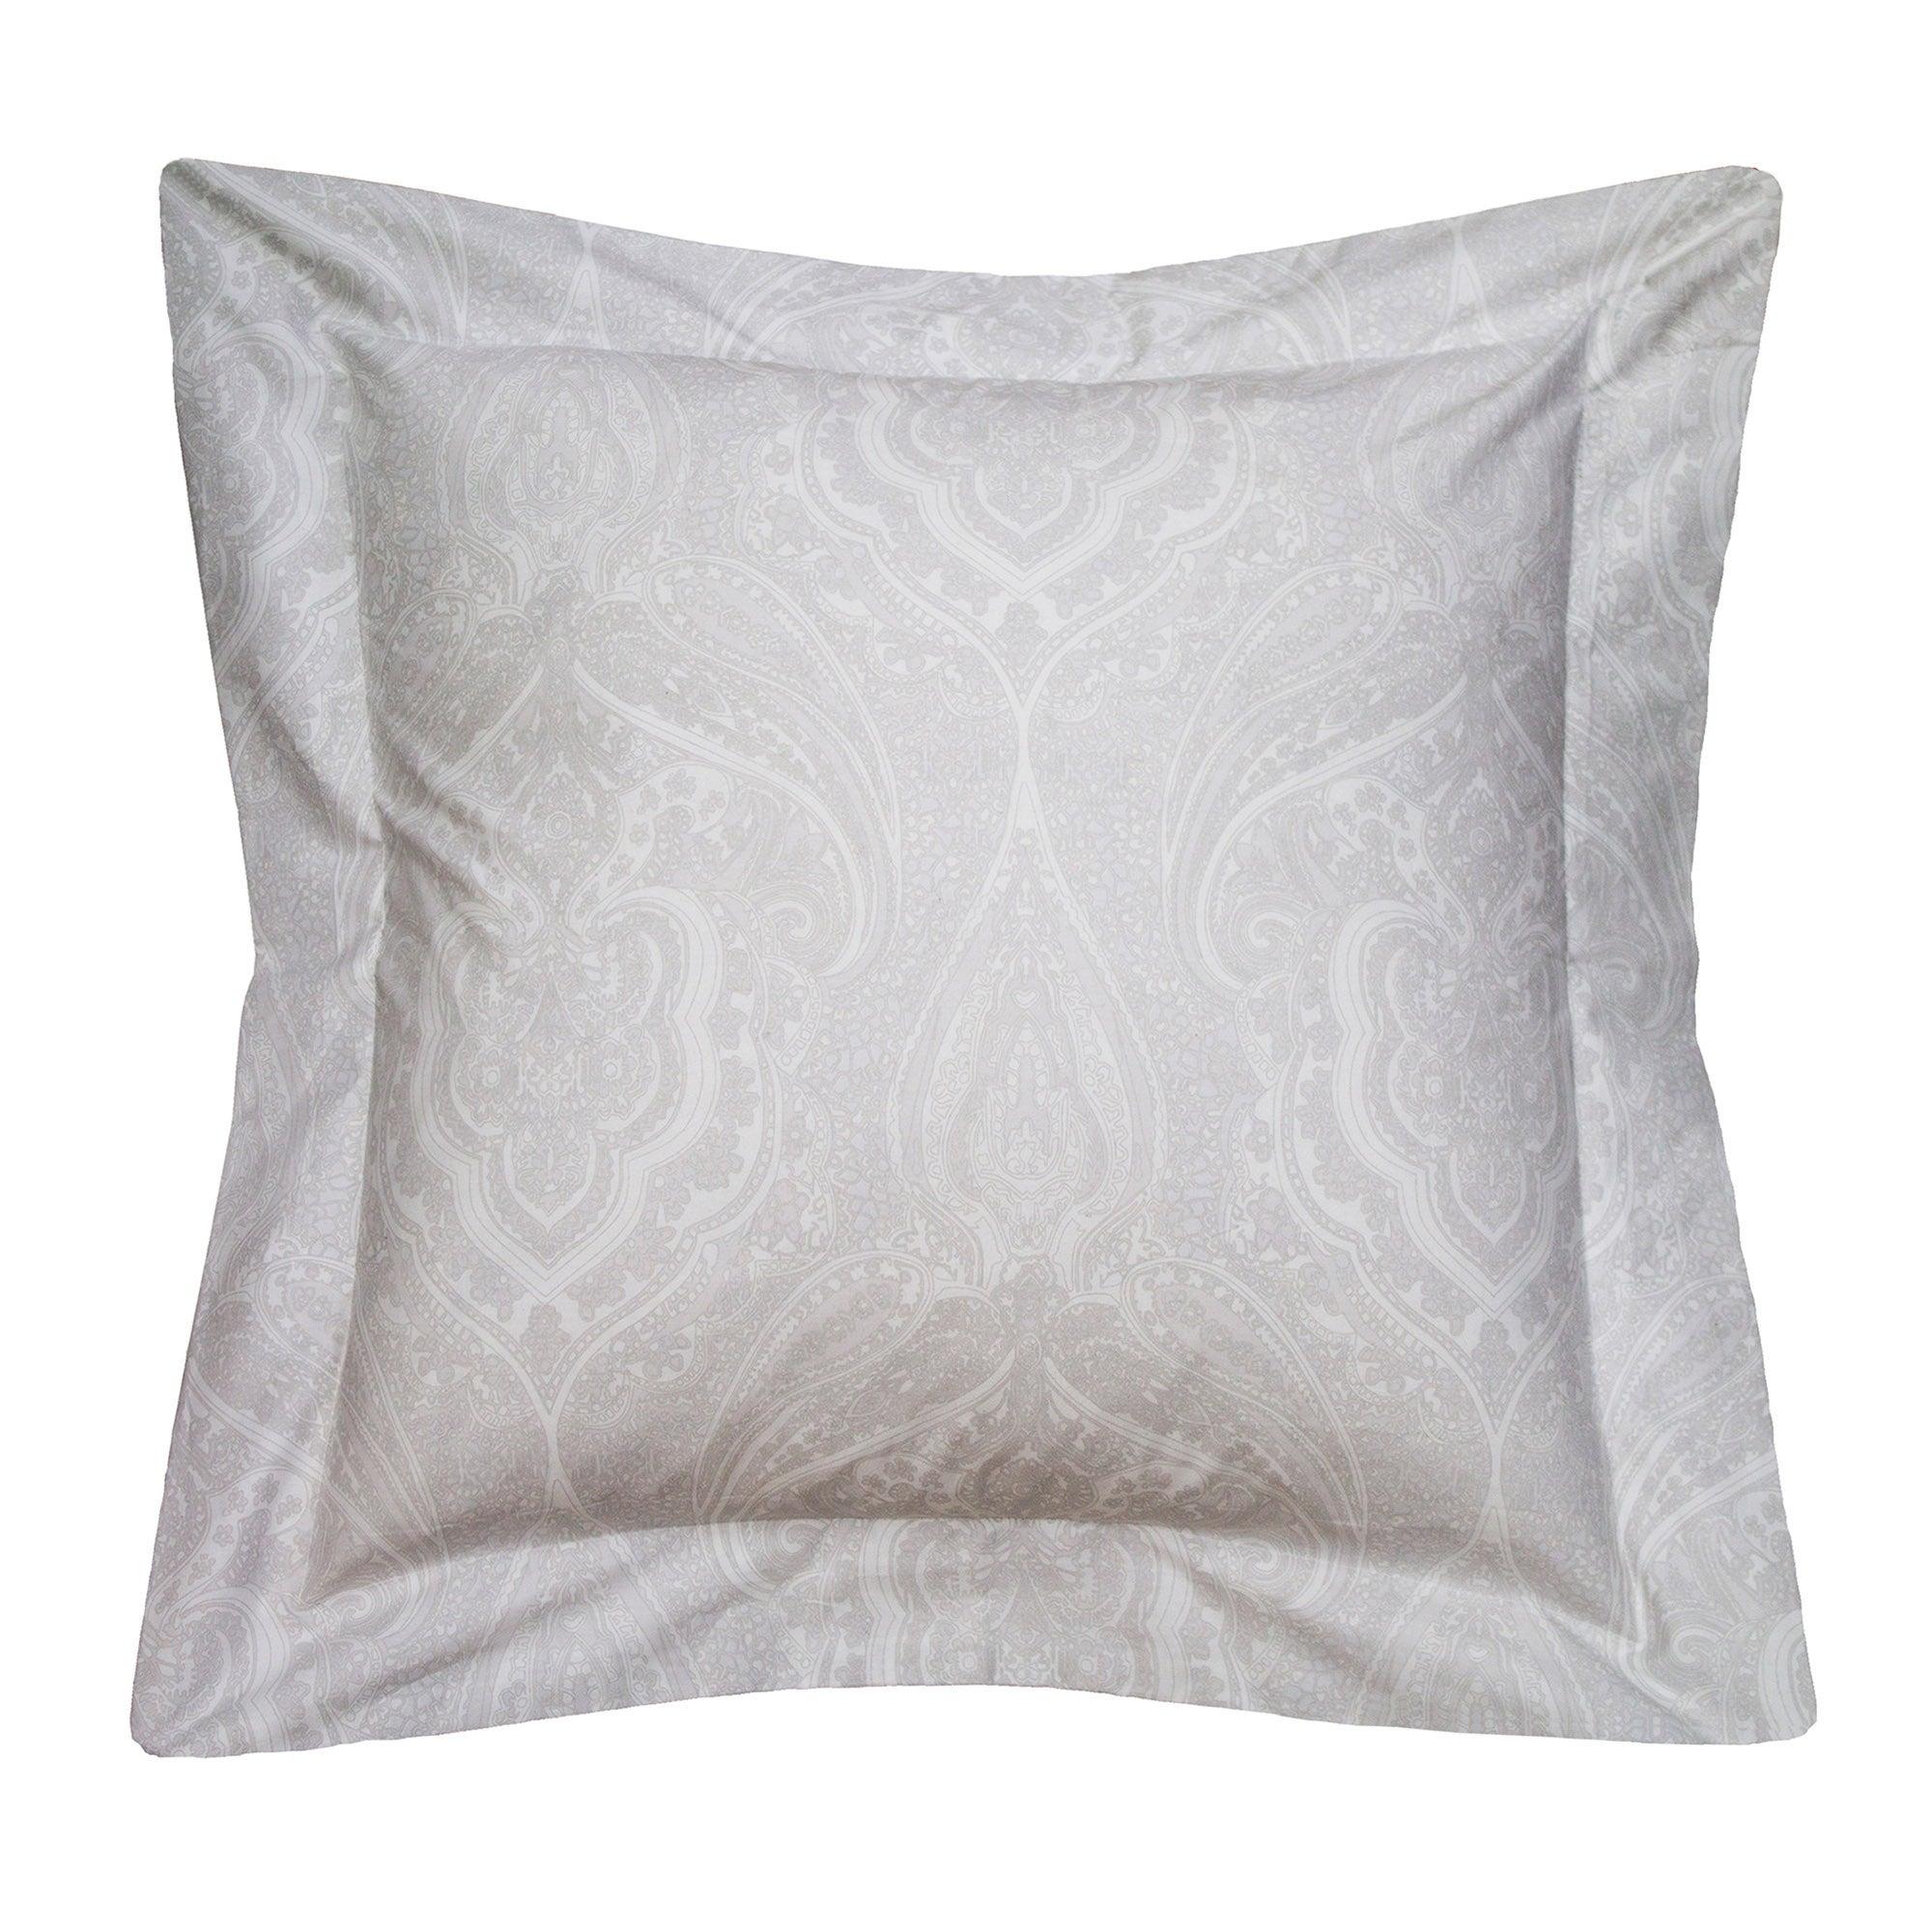 Image of Holly Willoughby Paisley Natural Cushion Natural